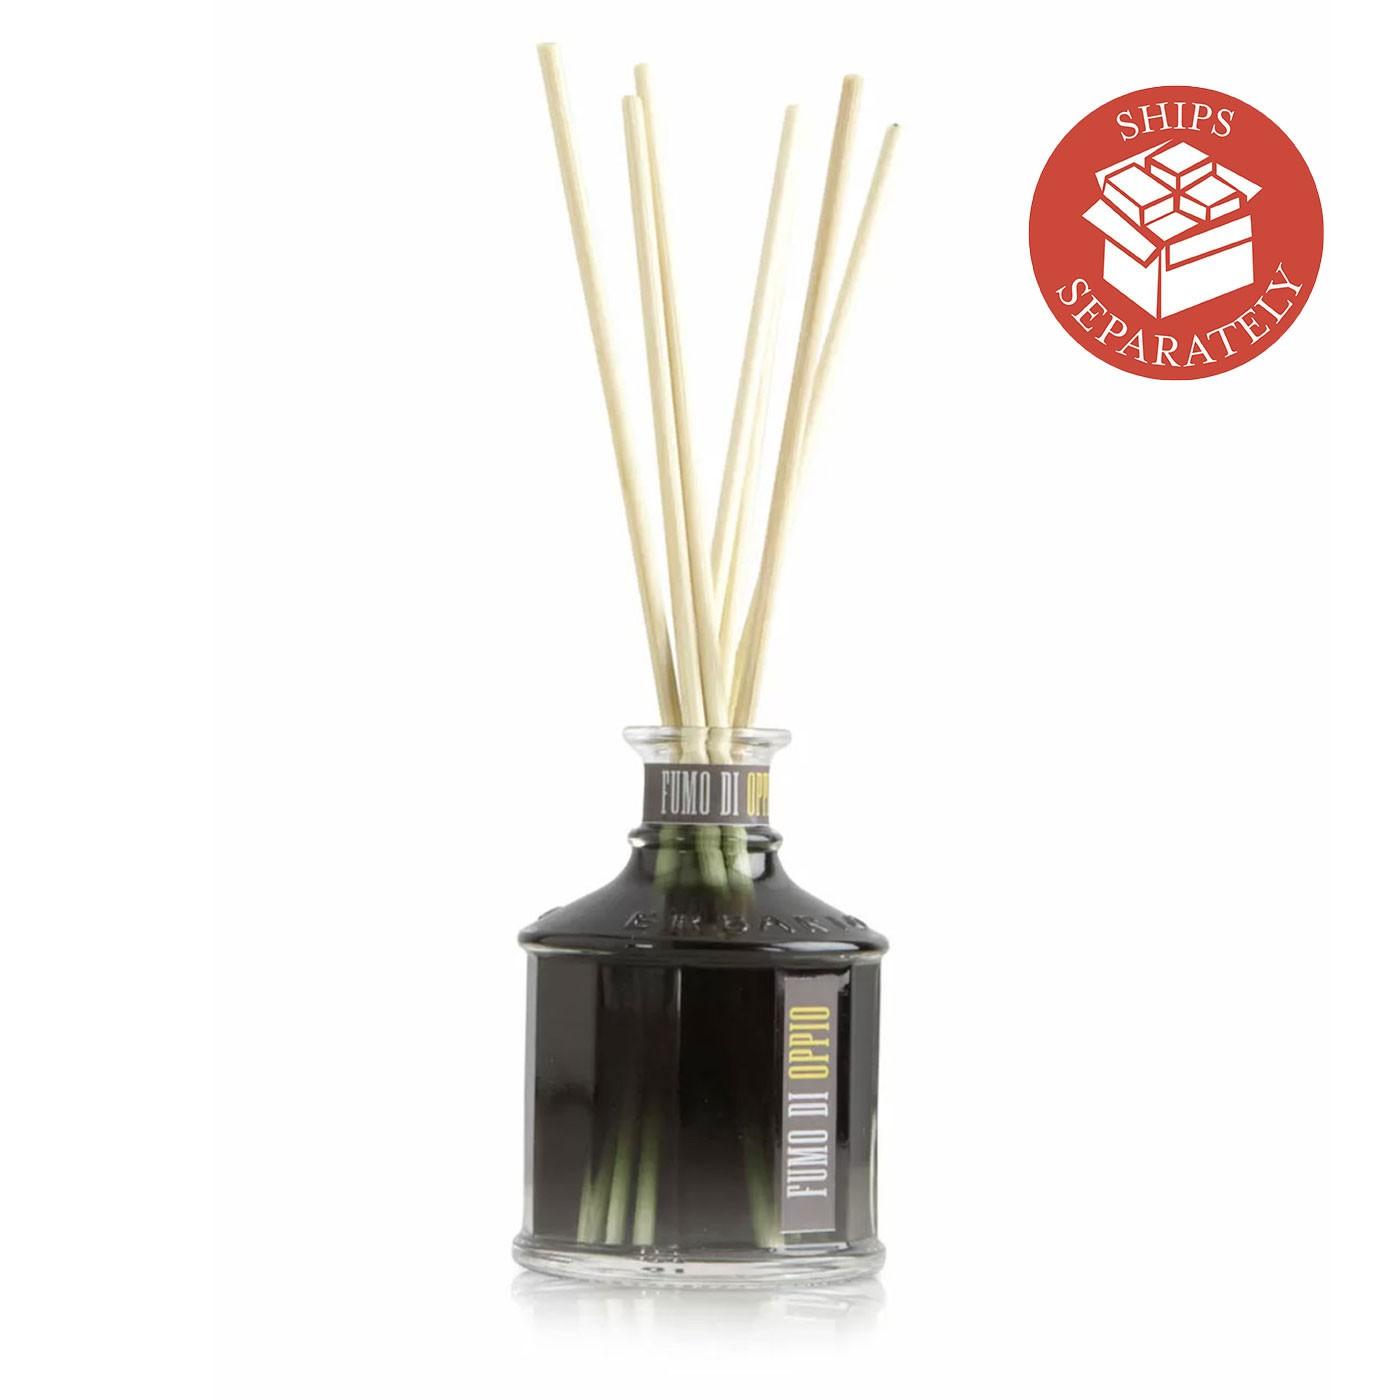 Fumo di Oppio Fragrance Diffuser 3.4 oz - Erbario Toscano   Eataly.com